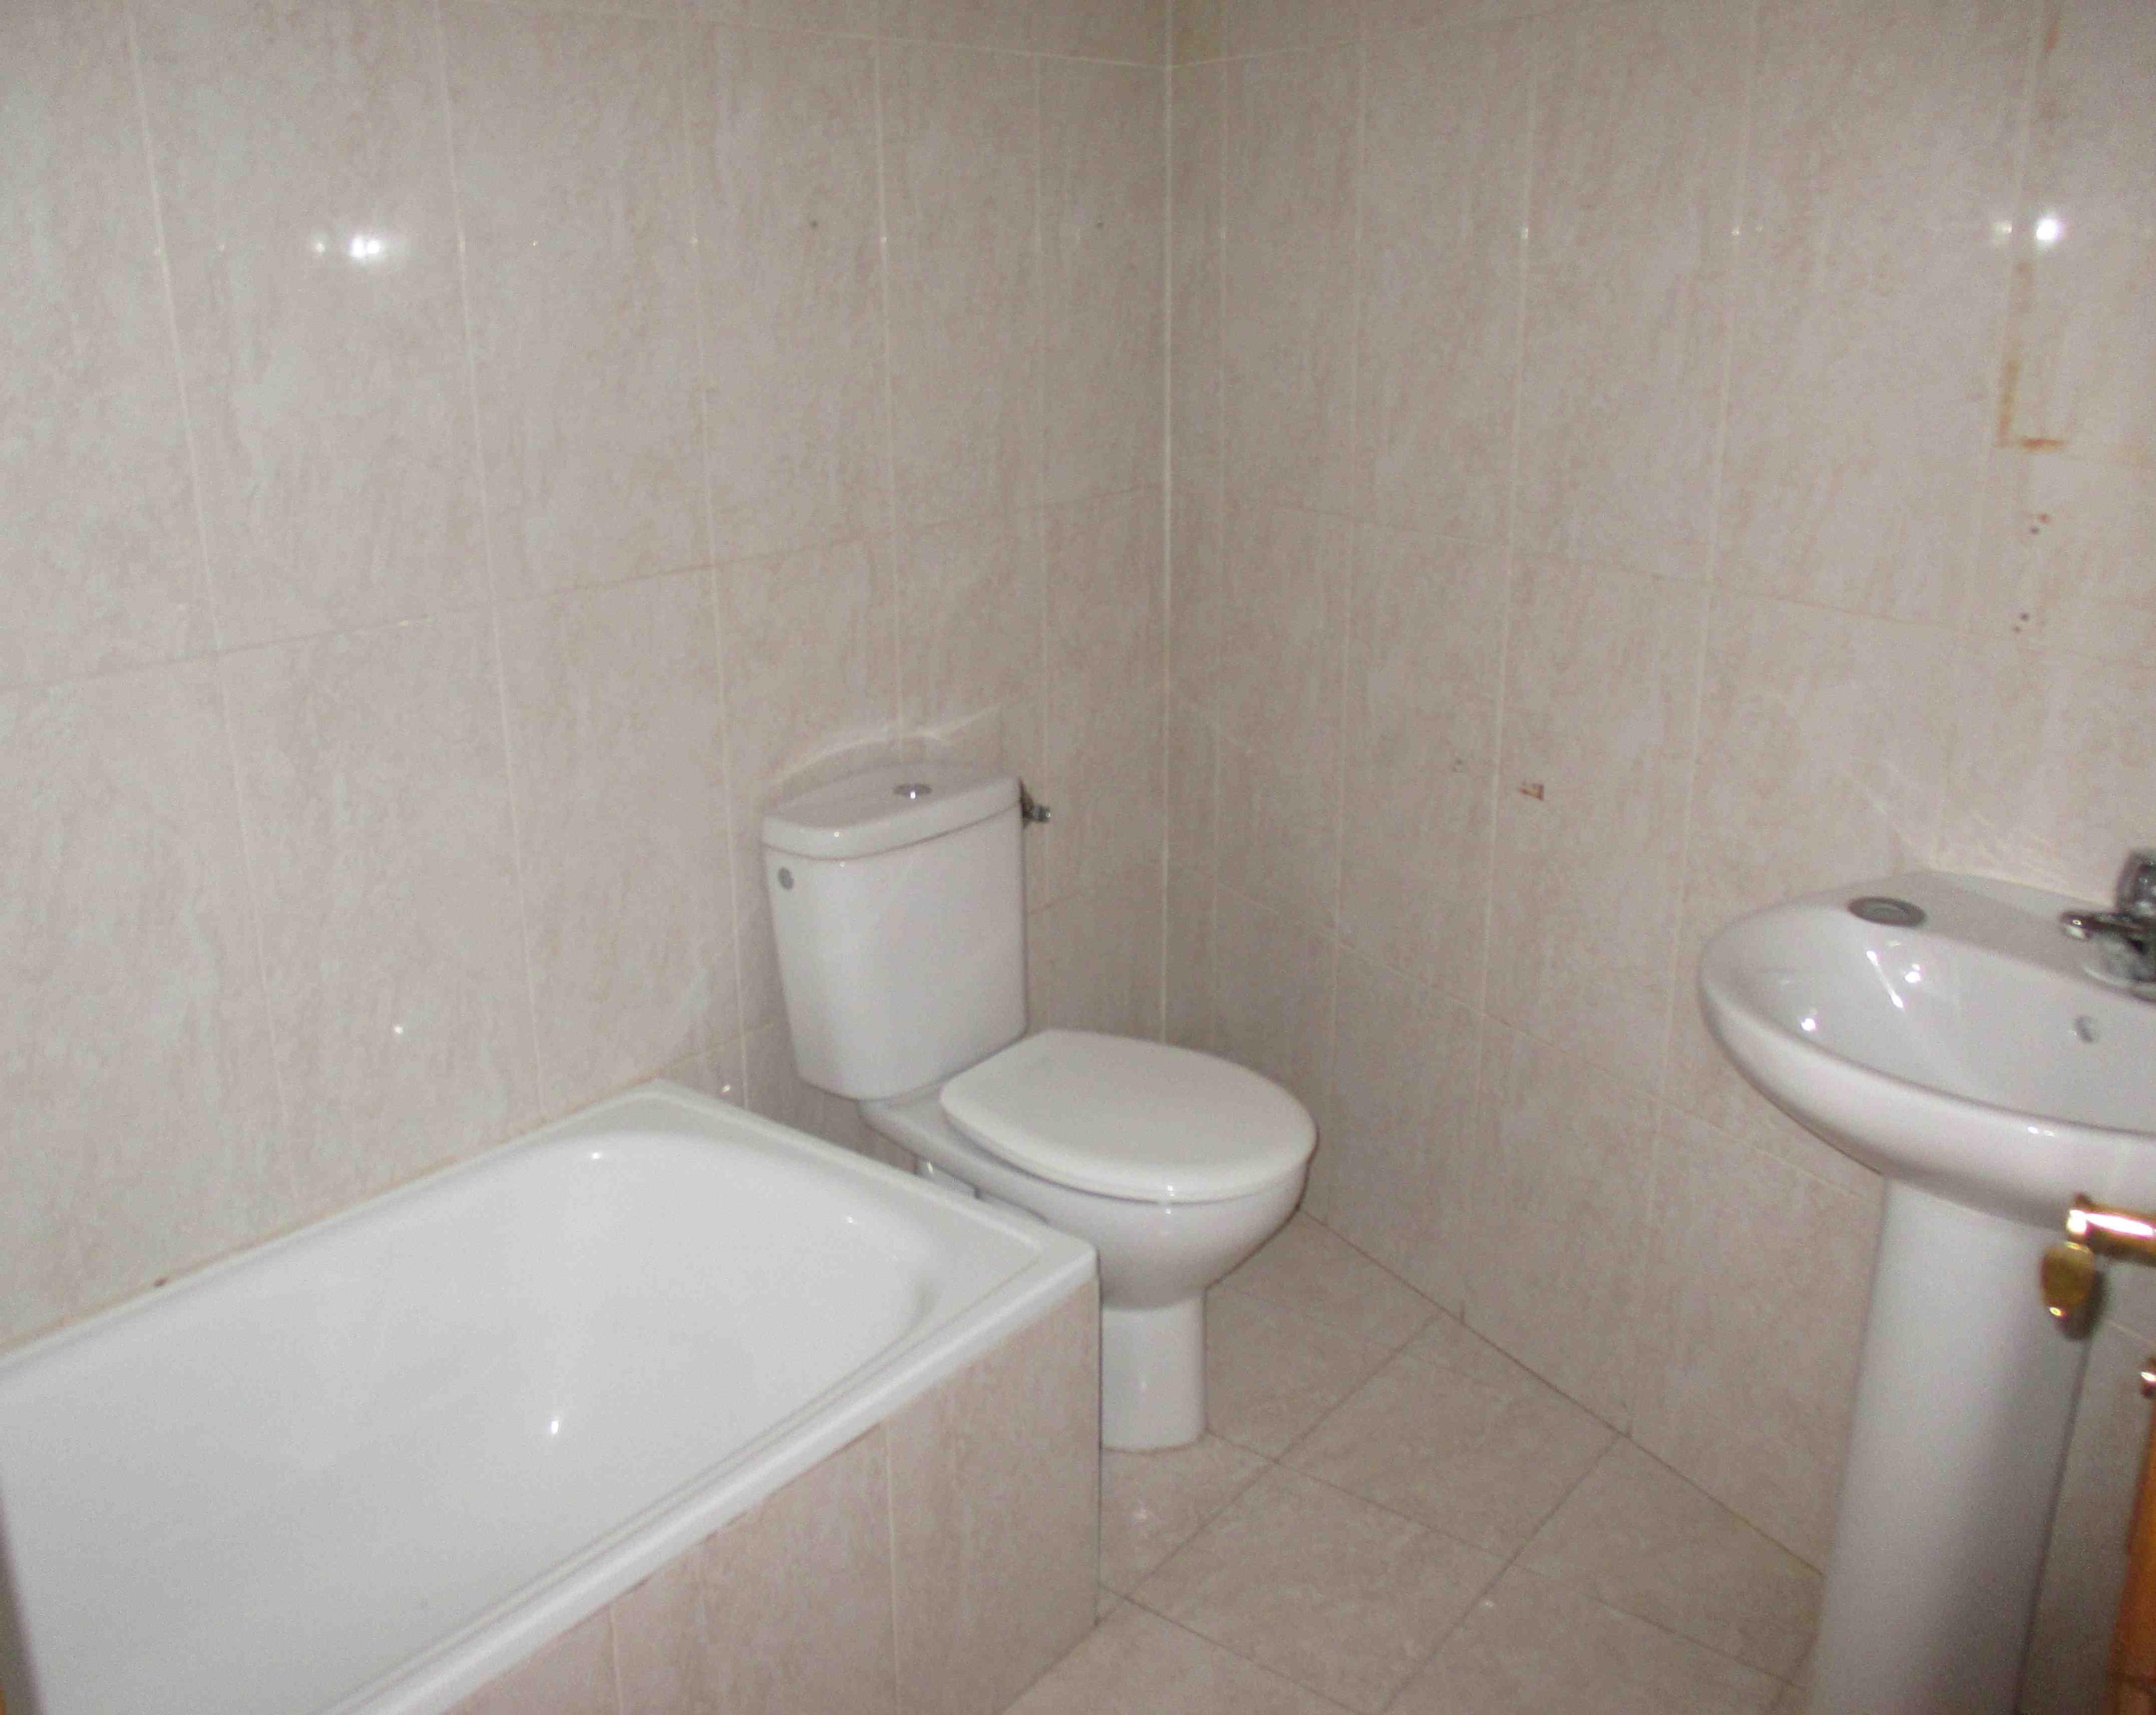 Piso en venta en Zaragoza, Zaragoza, Calle Miguel Artigas, 101.500 €, 2 habitaciones, 1 baño, 60 m2